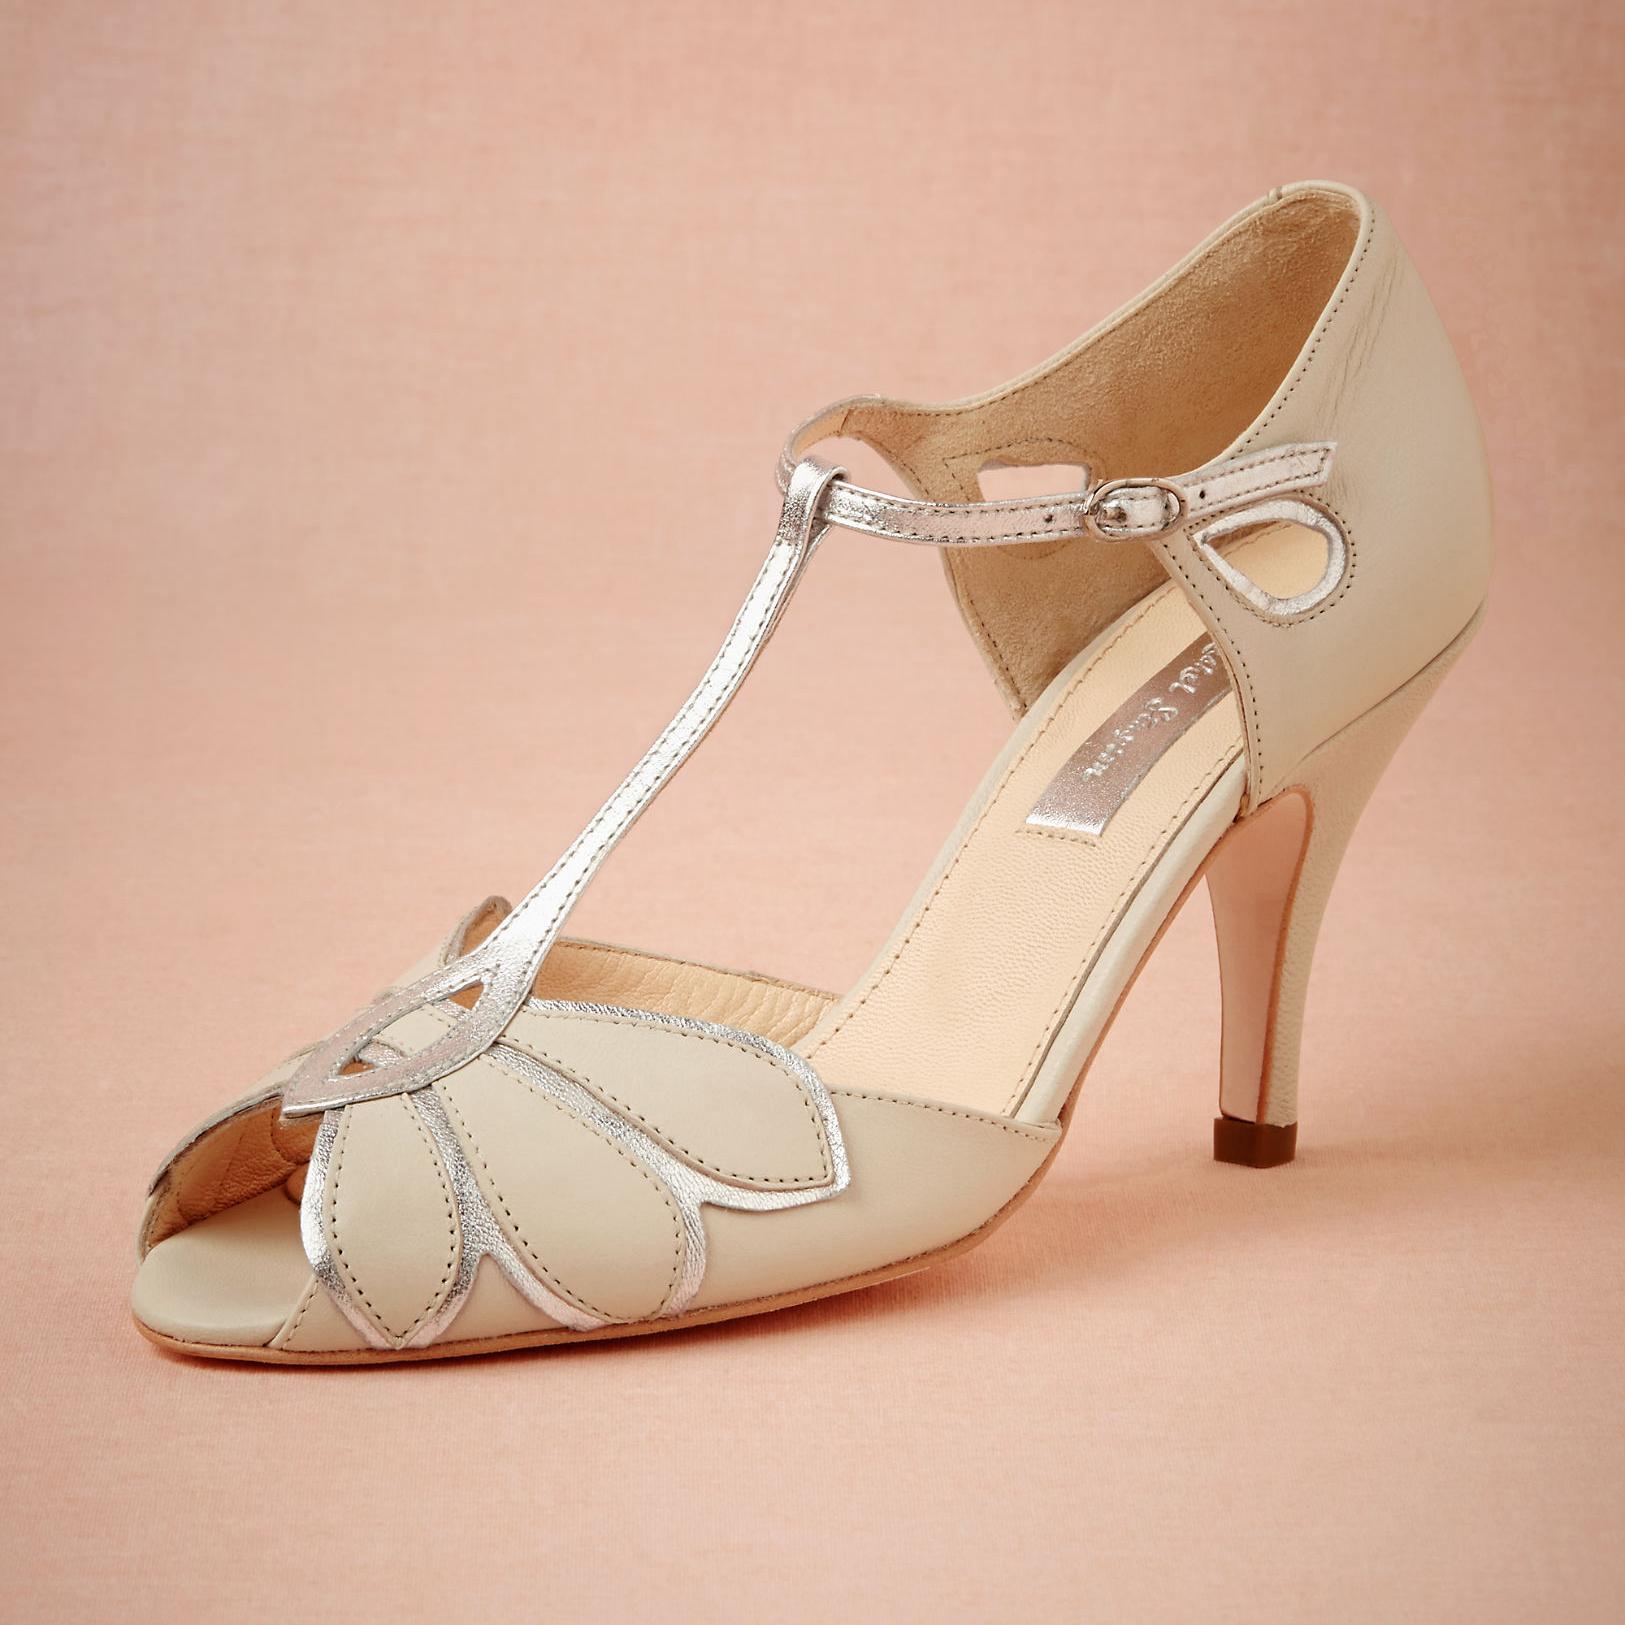 """Vintage Fildişi Düğün Ayakkabı Düğün Pompaları Mimosa T-Sapanlar Toka Kapatma Deri Parti Dans 3 """"Yüksek Topuklar Kadın Sandalet Kısa Düğün ..."""